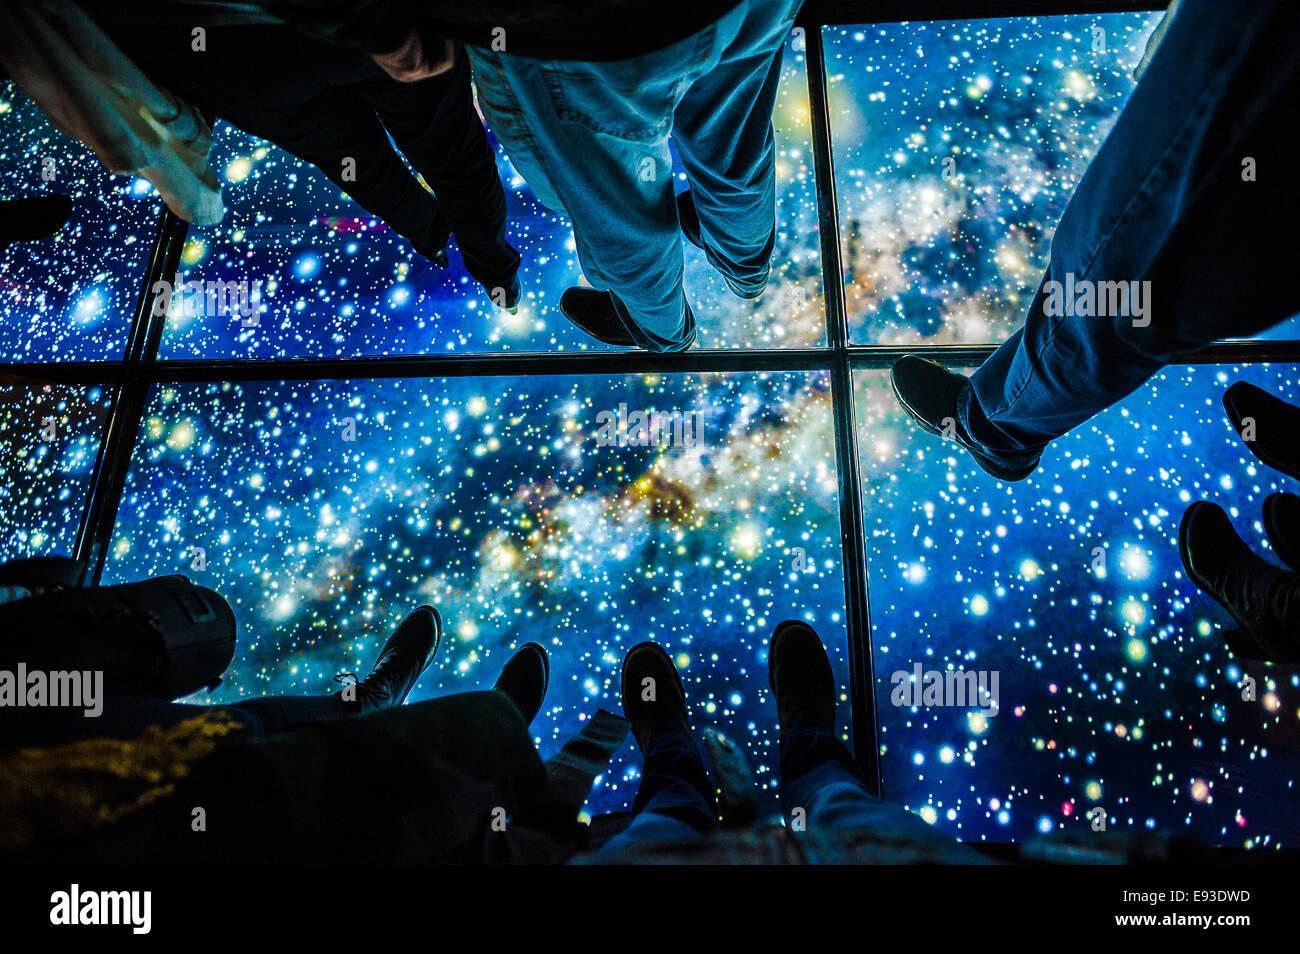 Italia Turín Piamonte Pino Torinese Inauguración de la nueva zona de museos del Museo de Turín planetario astronomía y espacio INFINI.Al 17 de octubre de 2014 - Piso de estrellas Foto de stock